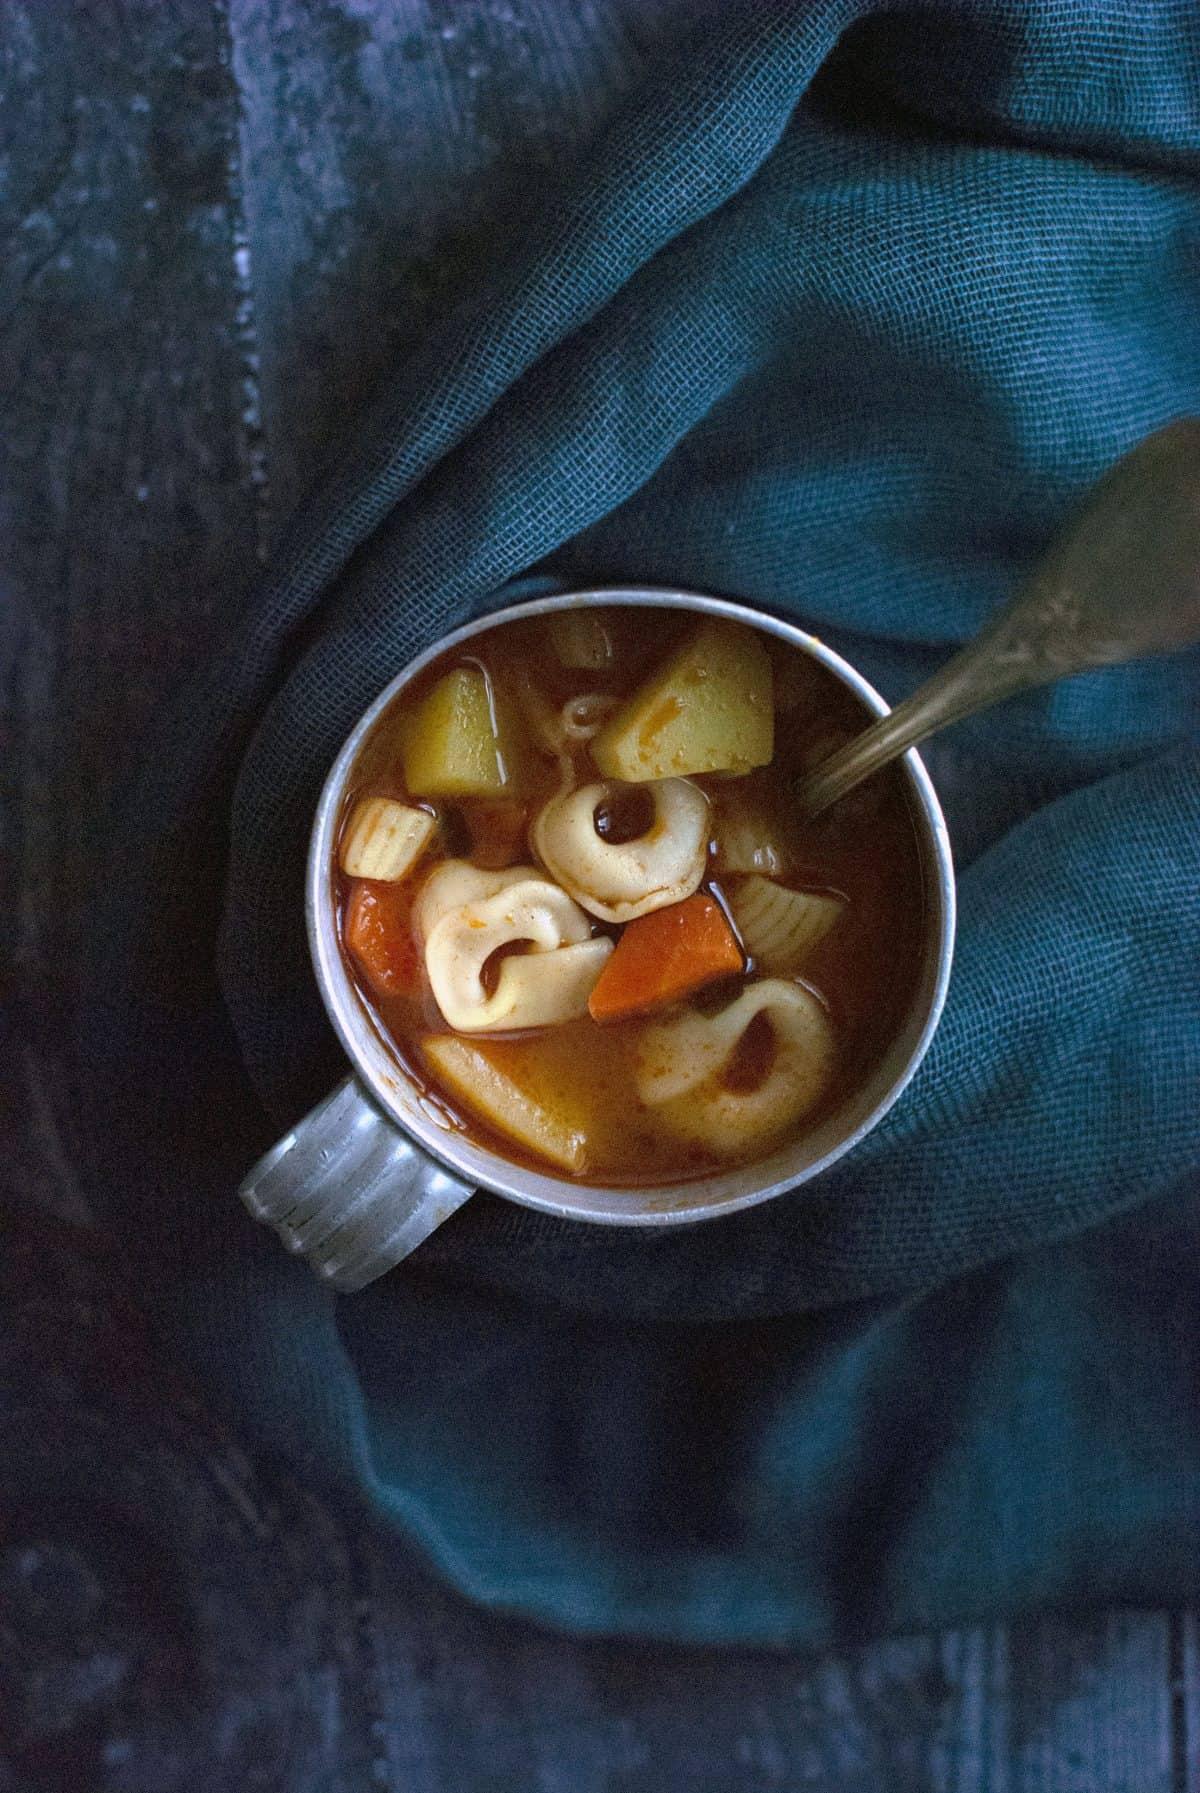 μινεστρόνε, χορτόσουπα, minestrone, νερόσουπα